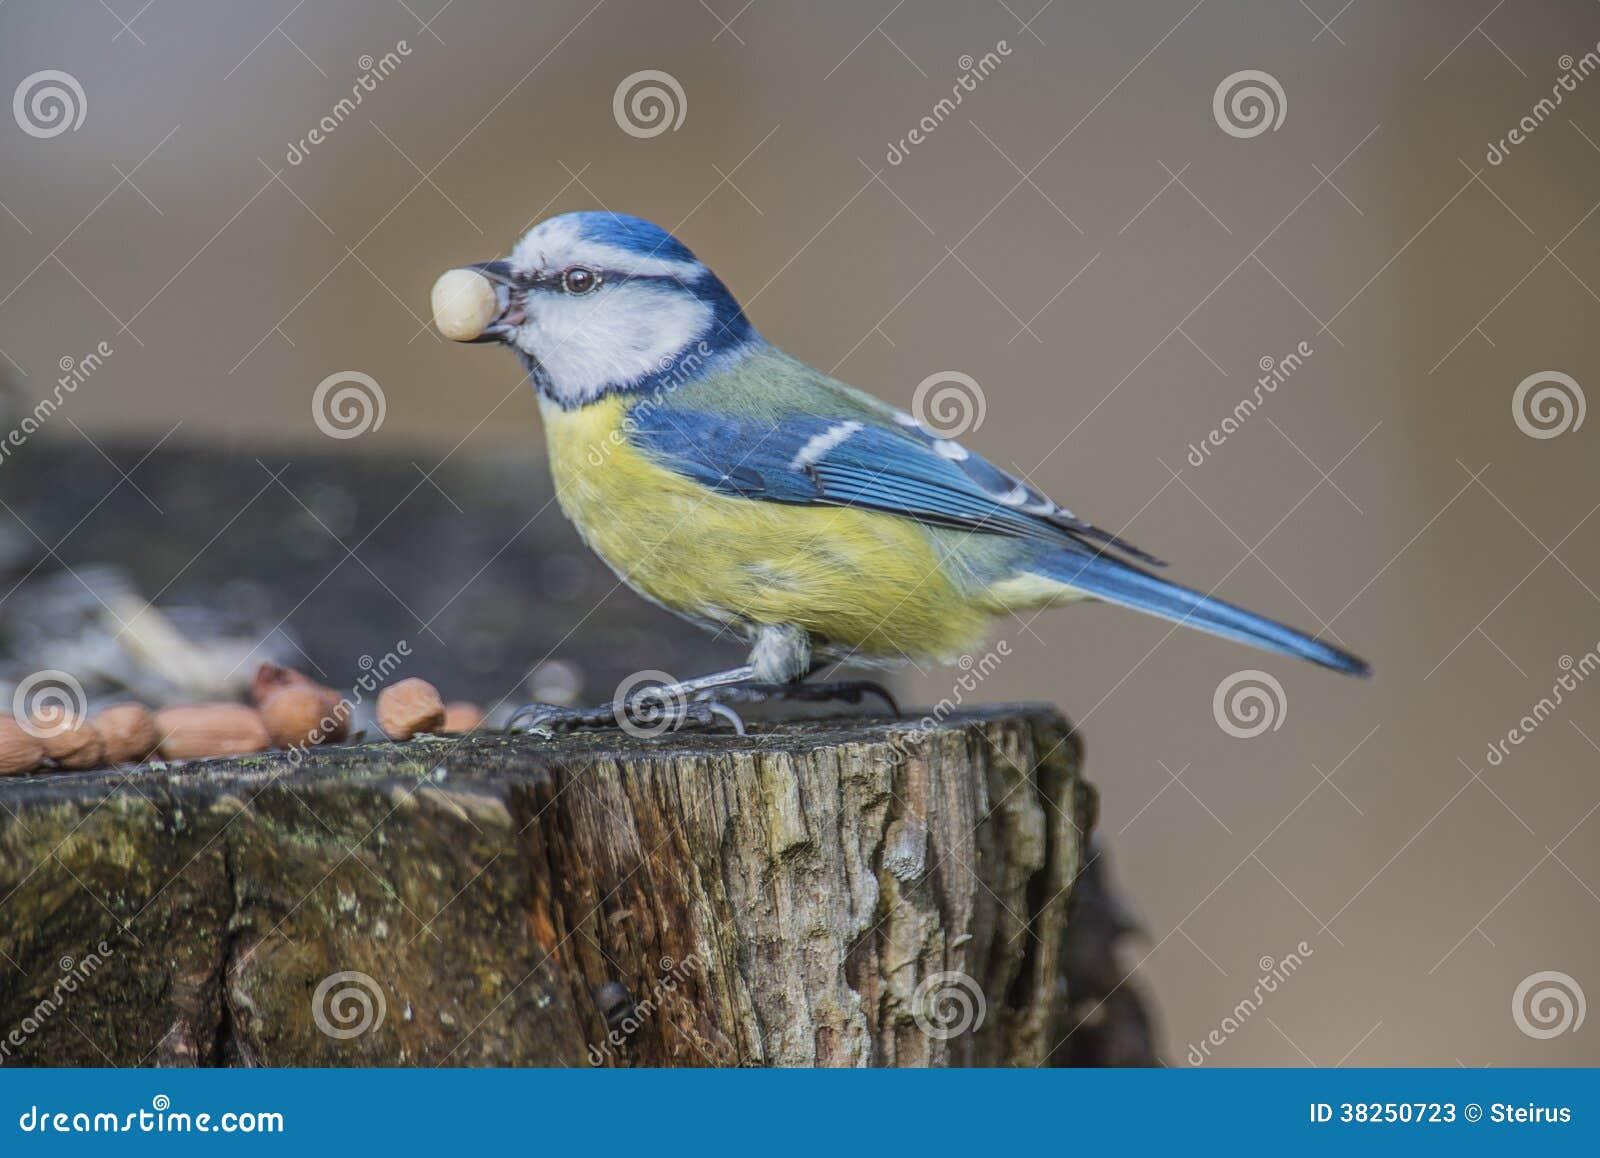 欧亚蓝冠山雀(Cyanistes caeruleus或帕鲁斯caeruleus)